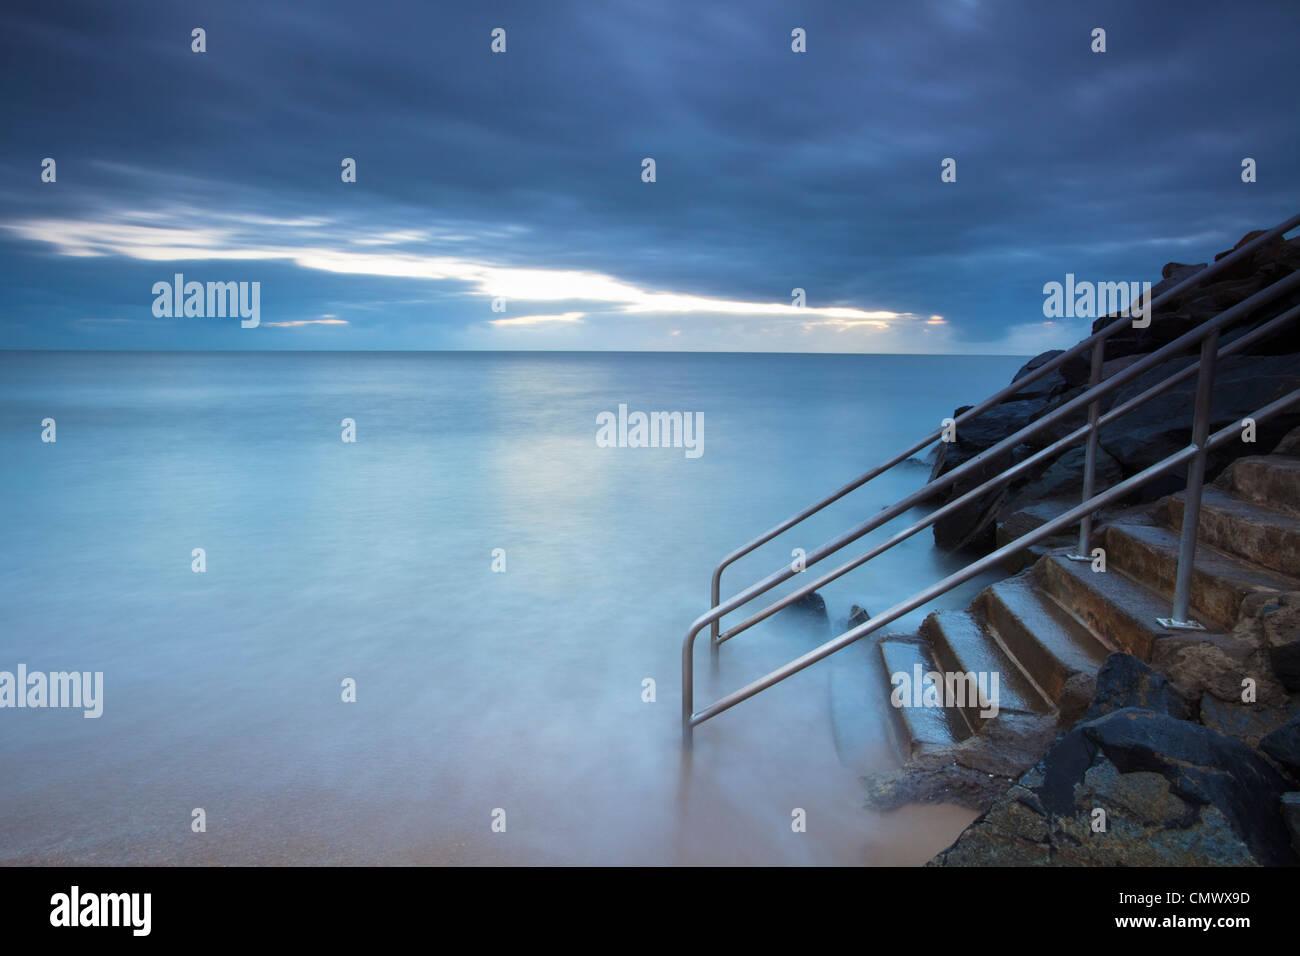 Ondas sobre as etapas que levam a lavagem de mar. Praia de Machans, Cairns, Queensland, Austrália Imagens de Stock